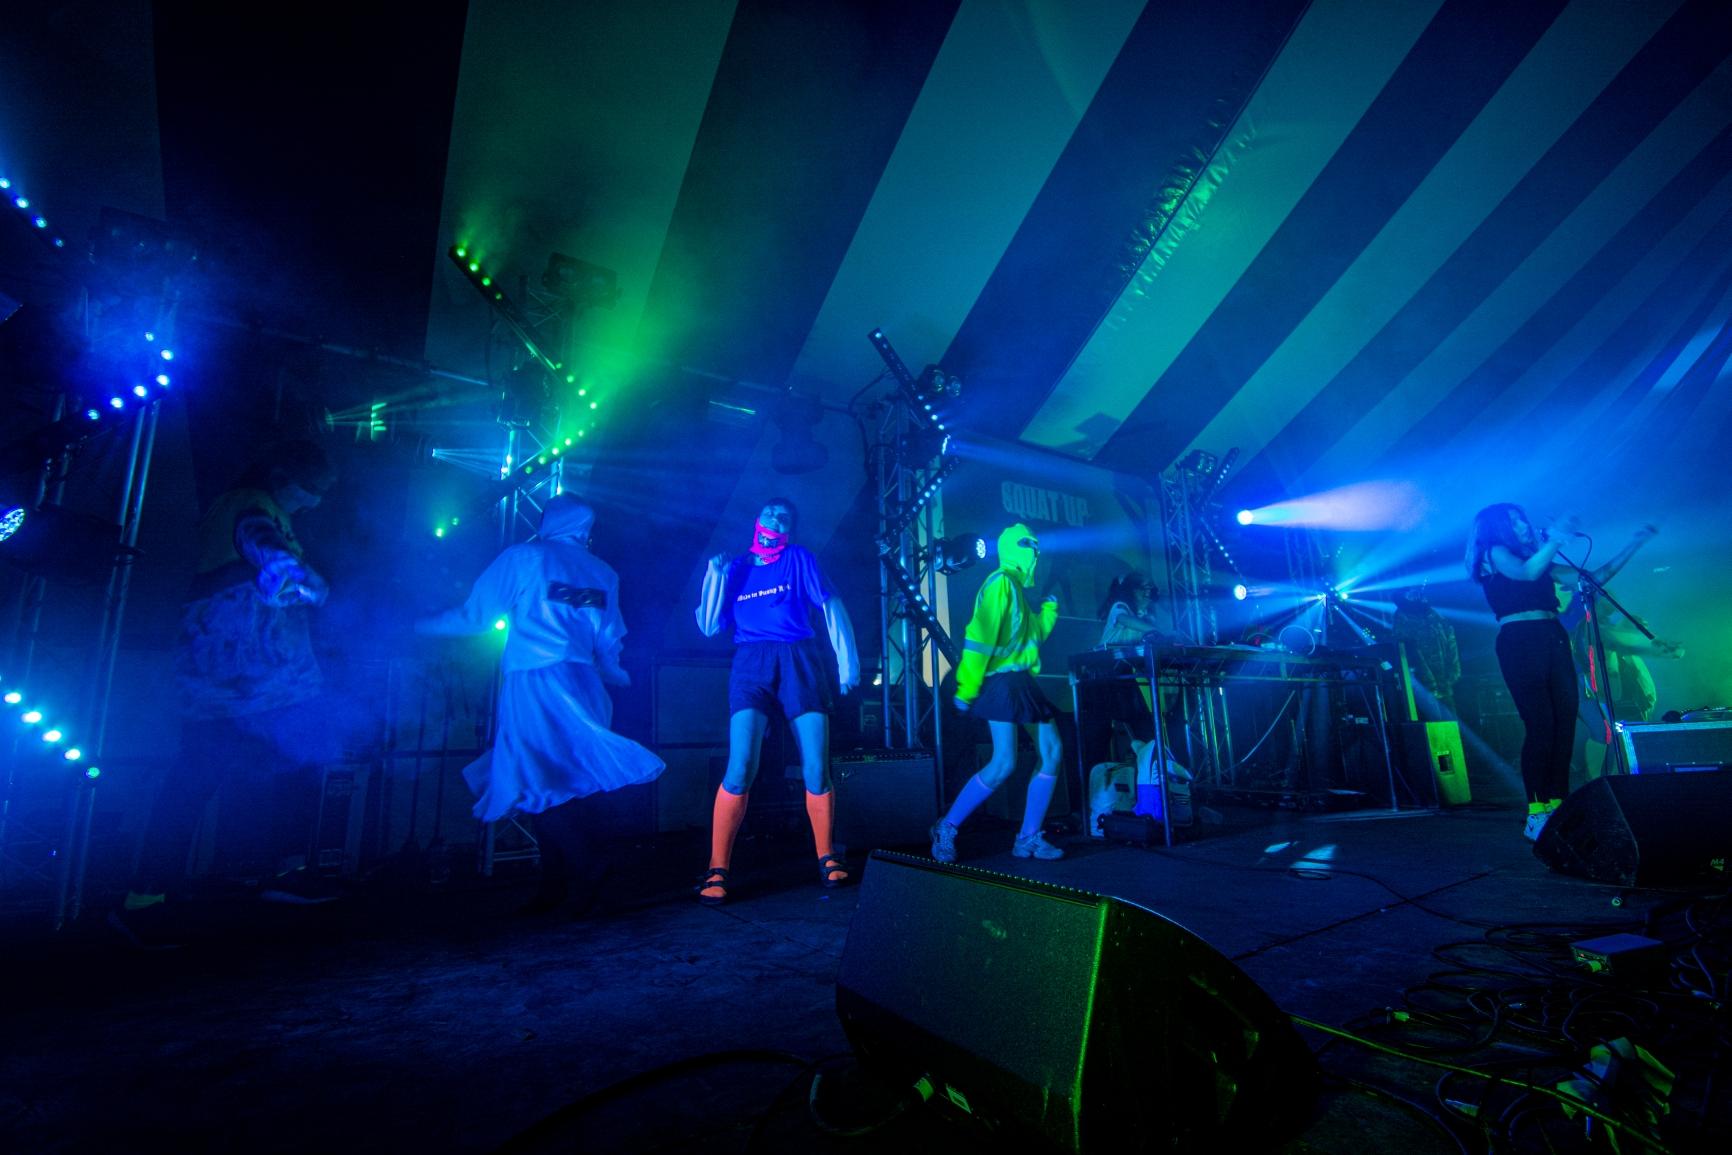 T&B Events Ltd